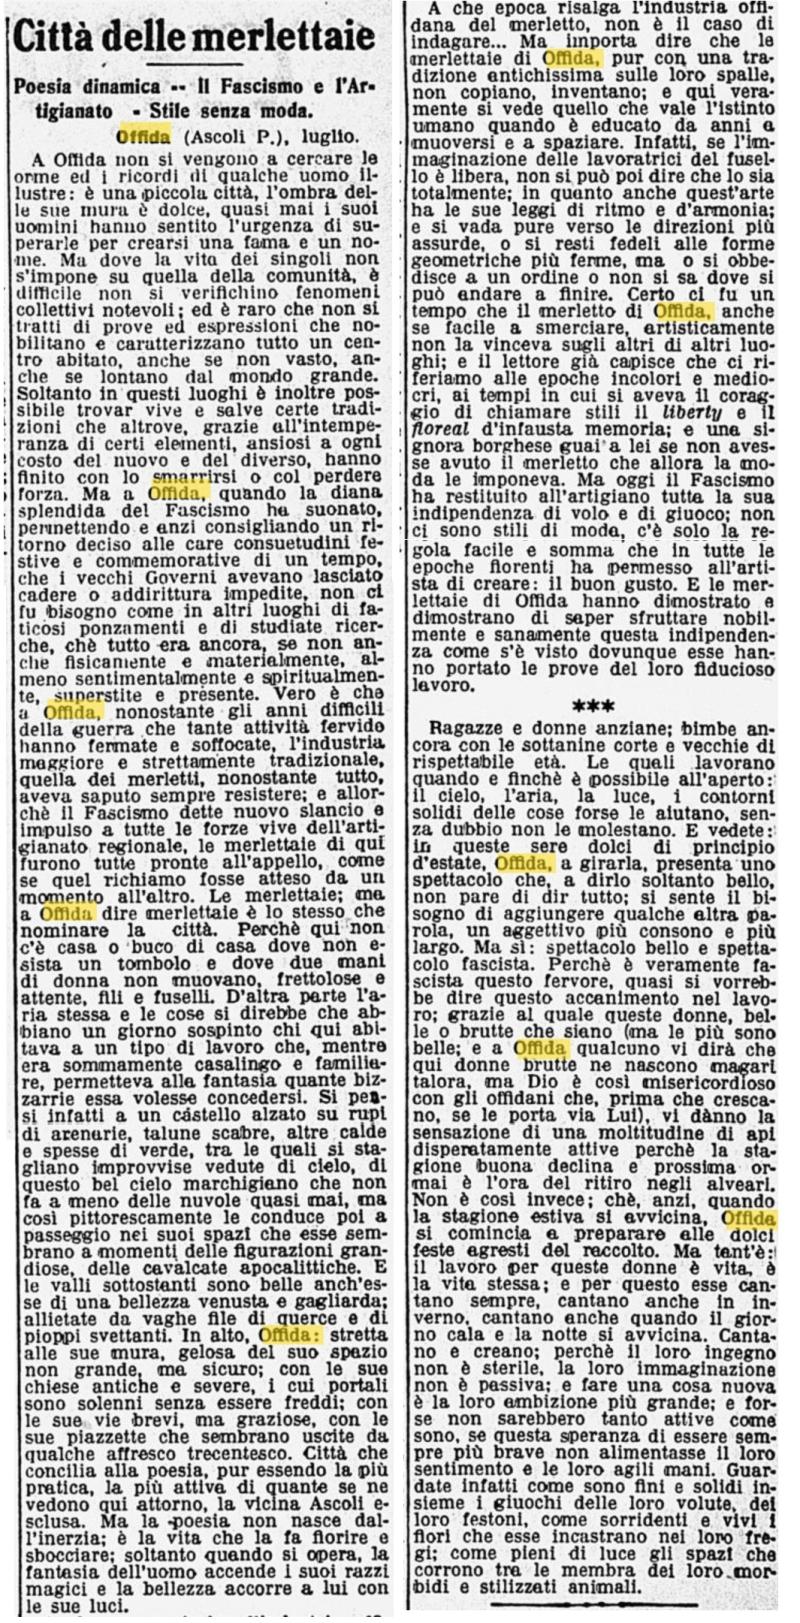 articolo merlettaie cds 3 luglio 1934.jpg